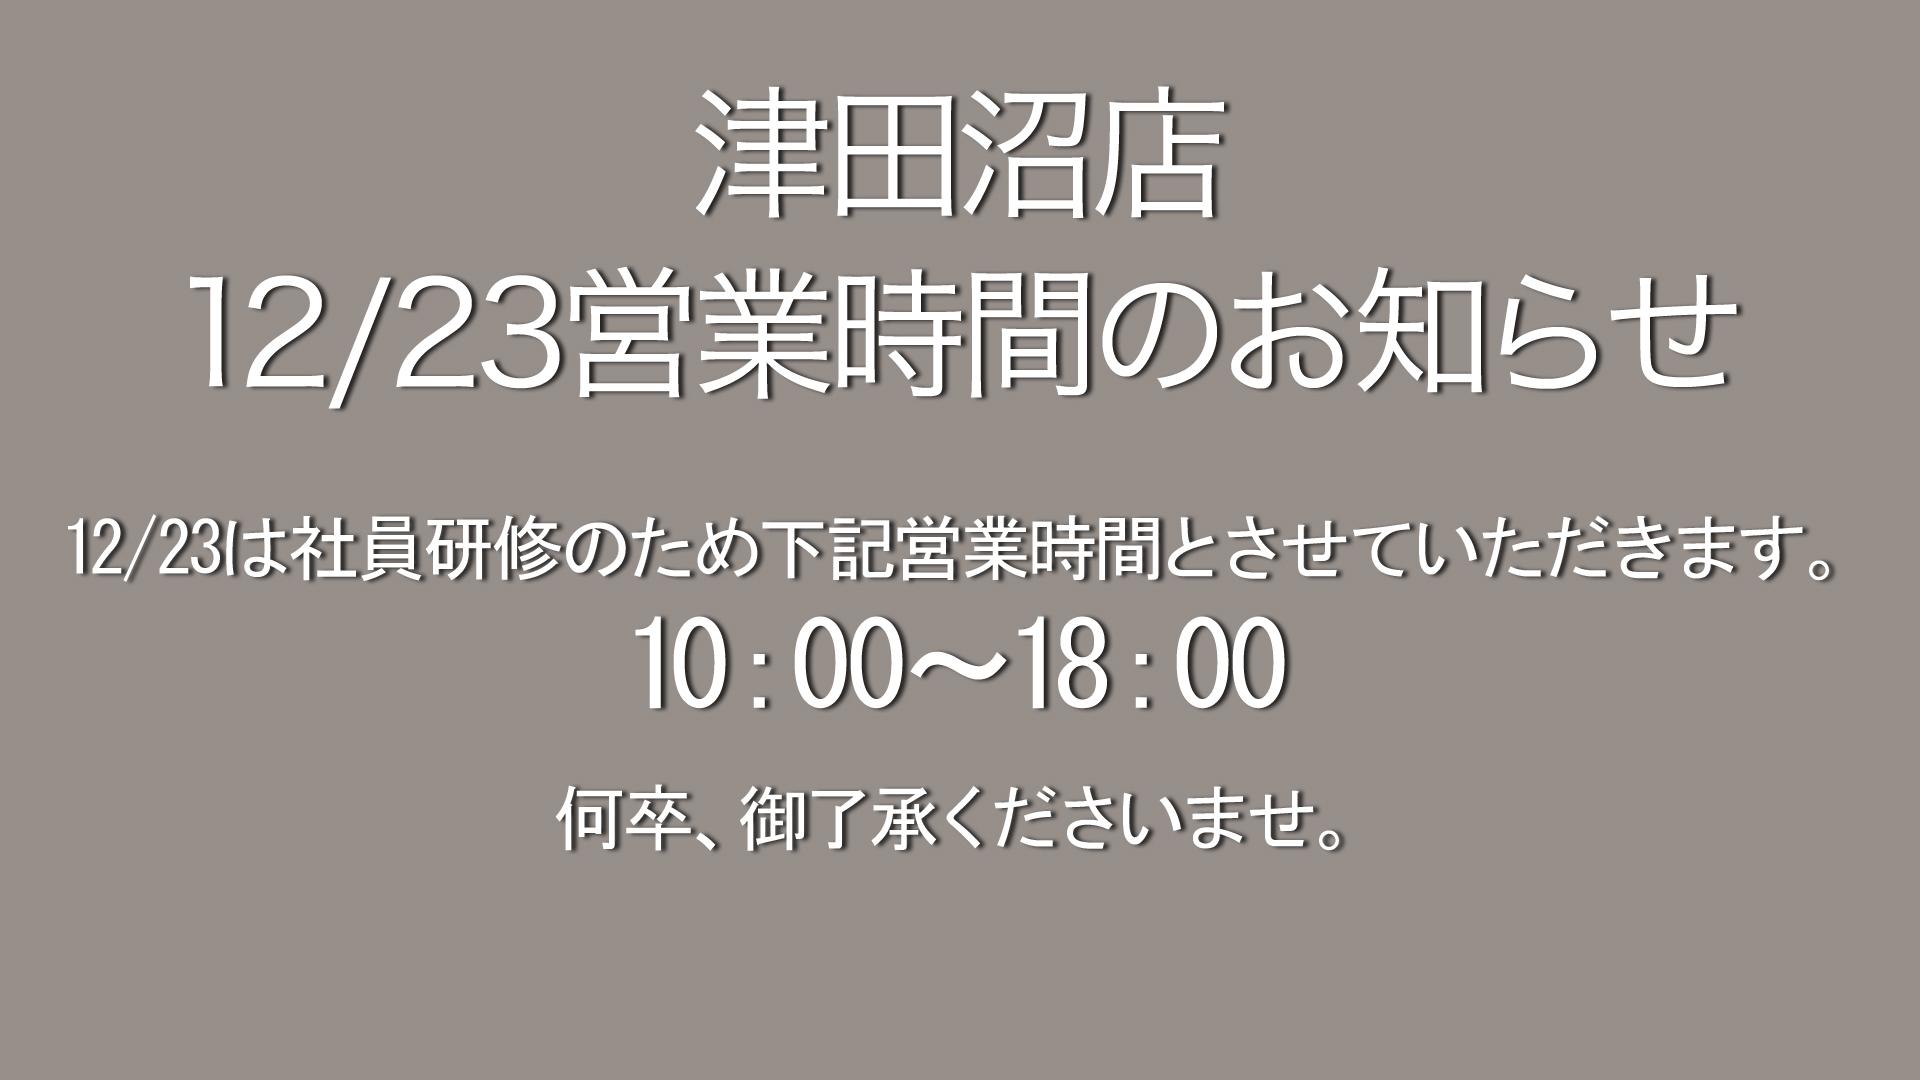 津田沼店 営業時間のお知らせ